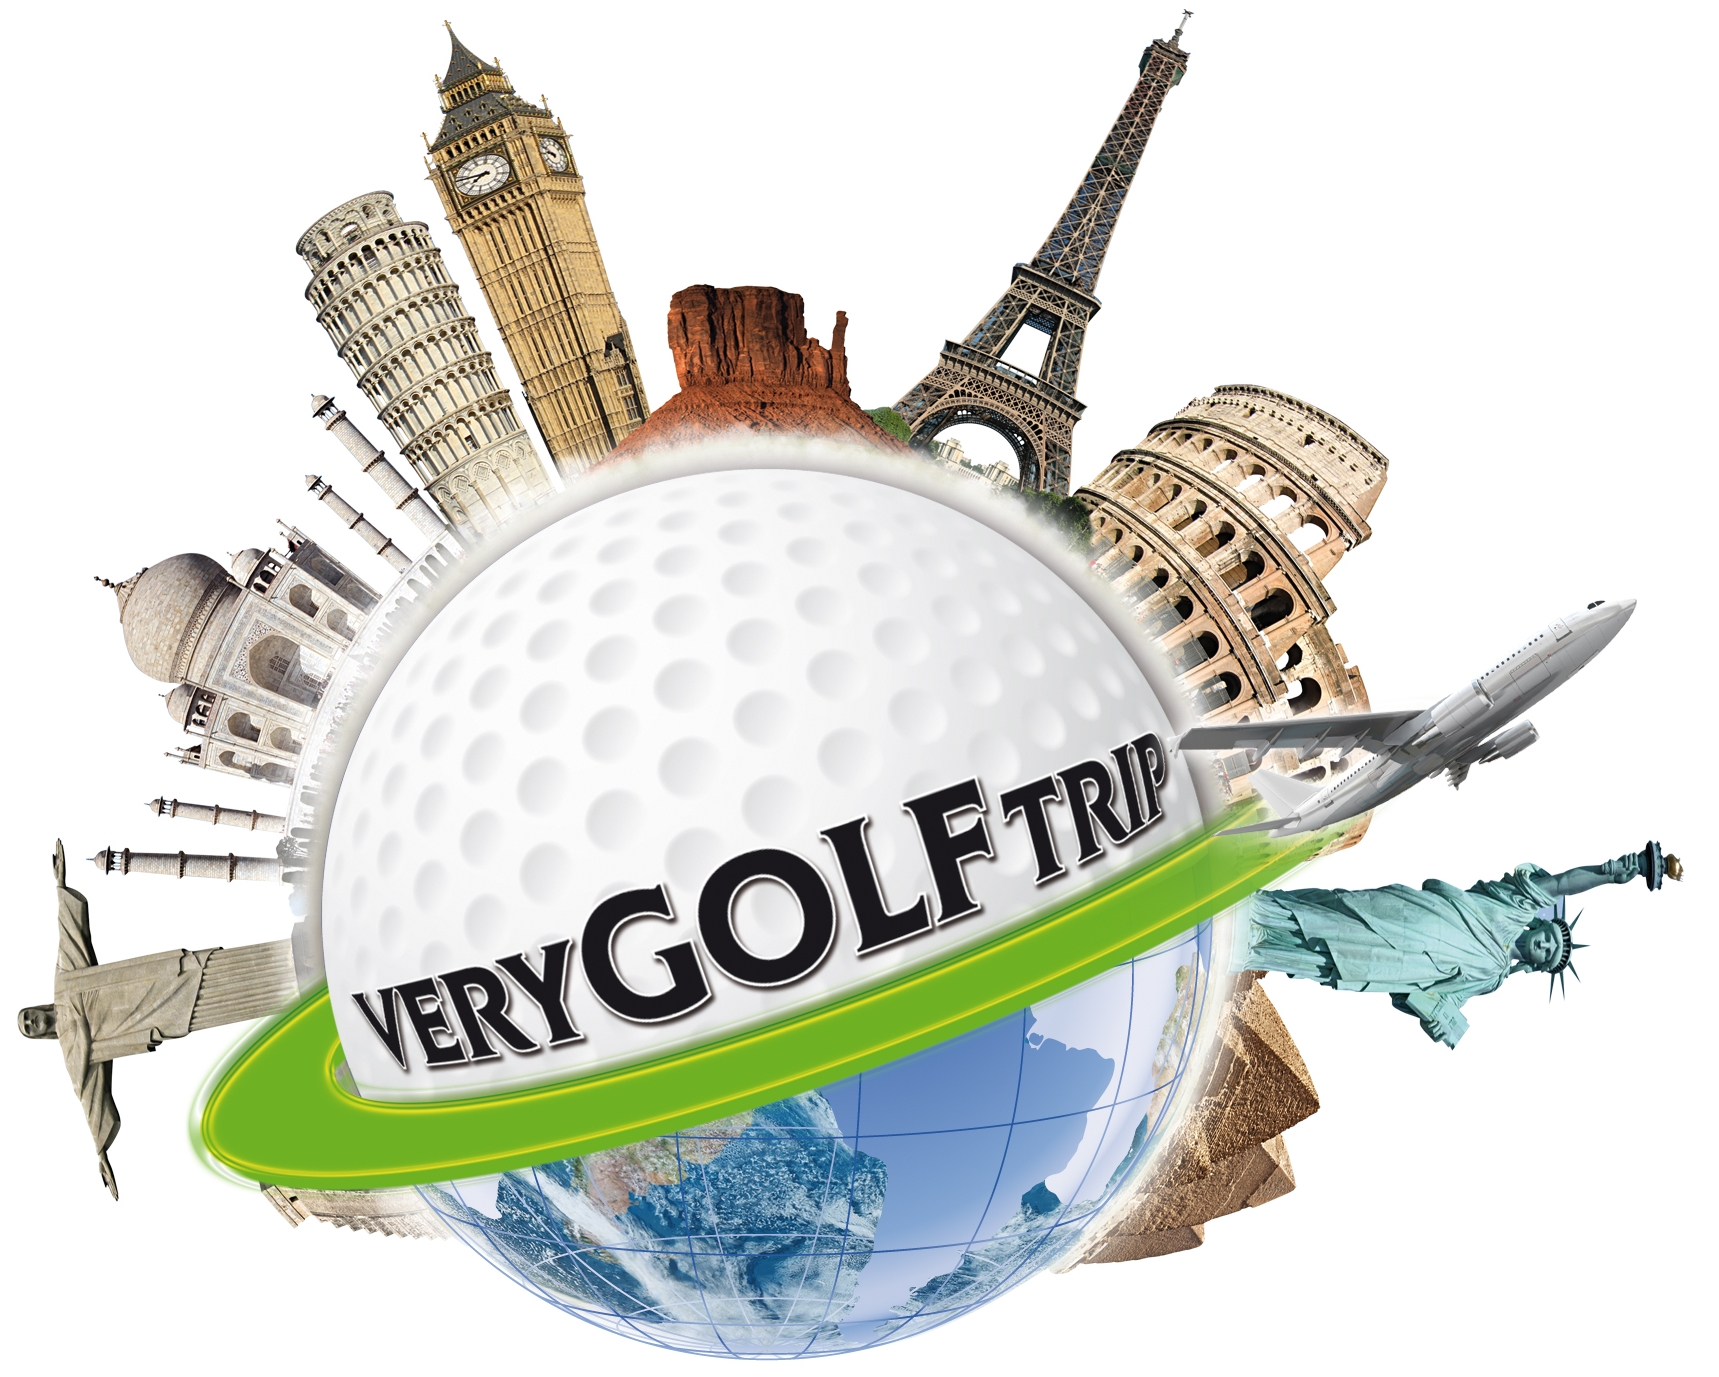 """30/31 MARS 2019Golf de ToulouseLa RaméeMonsieur Golf Tour - Challenge sur tous les Par 3Dotation : Week-end """"Golf au Chateau"""" / LES VIGIERS en DordognePAS DE GAGNANT"""